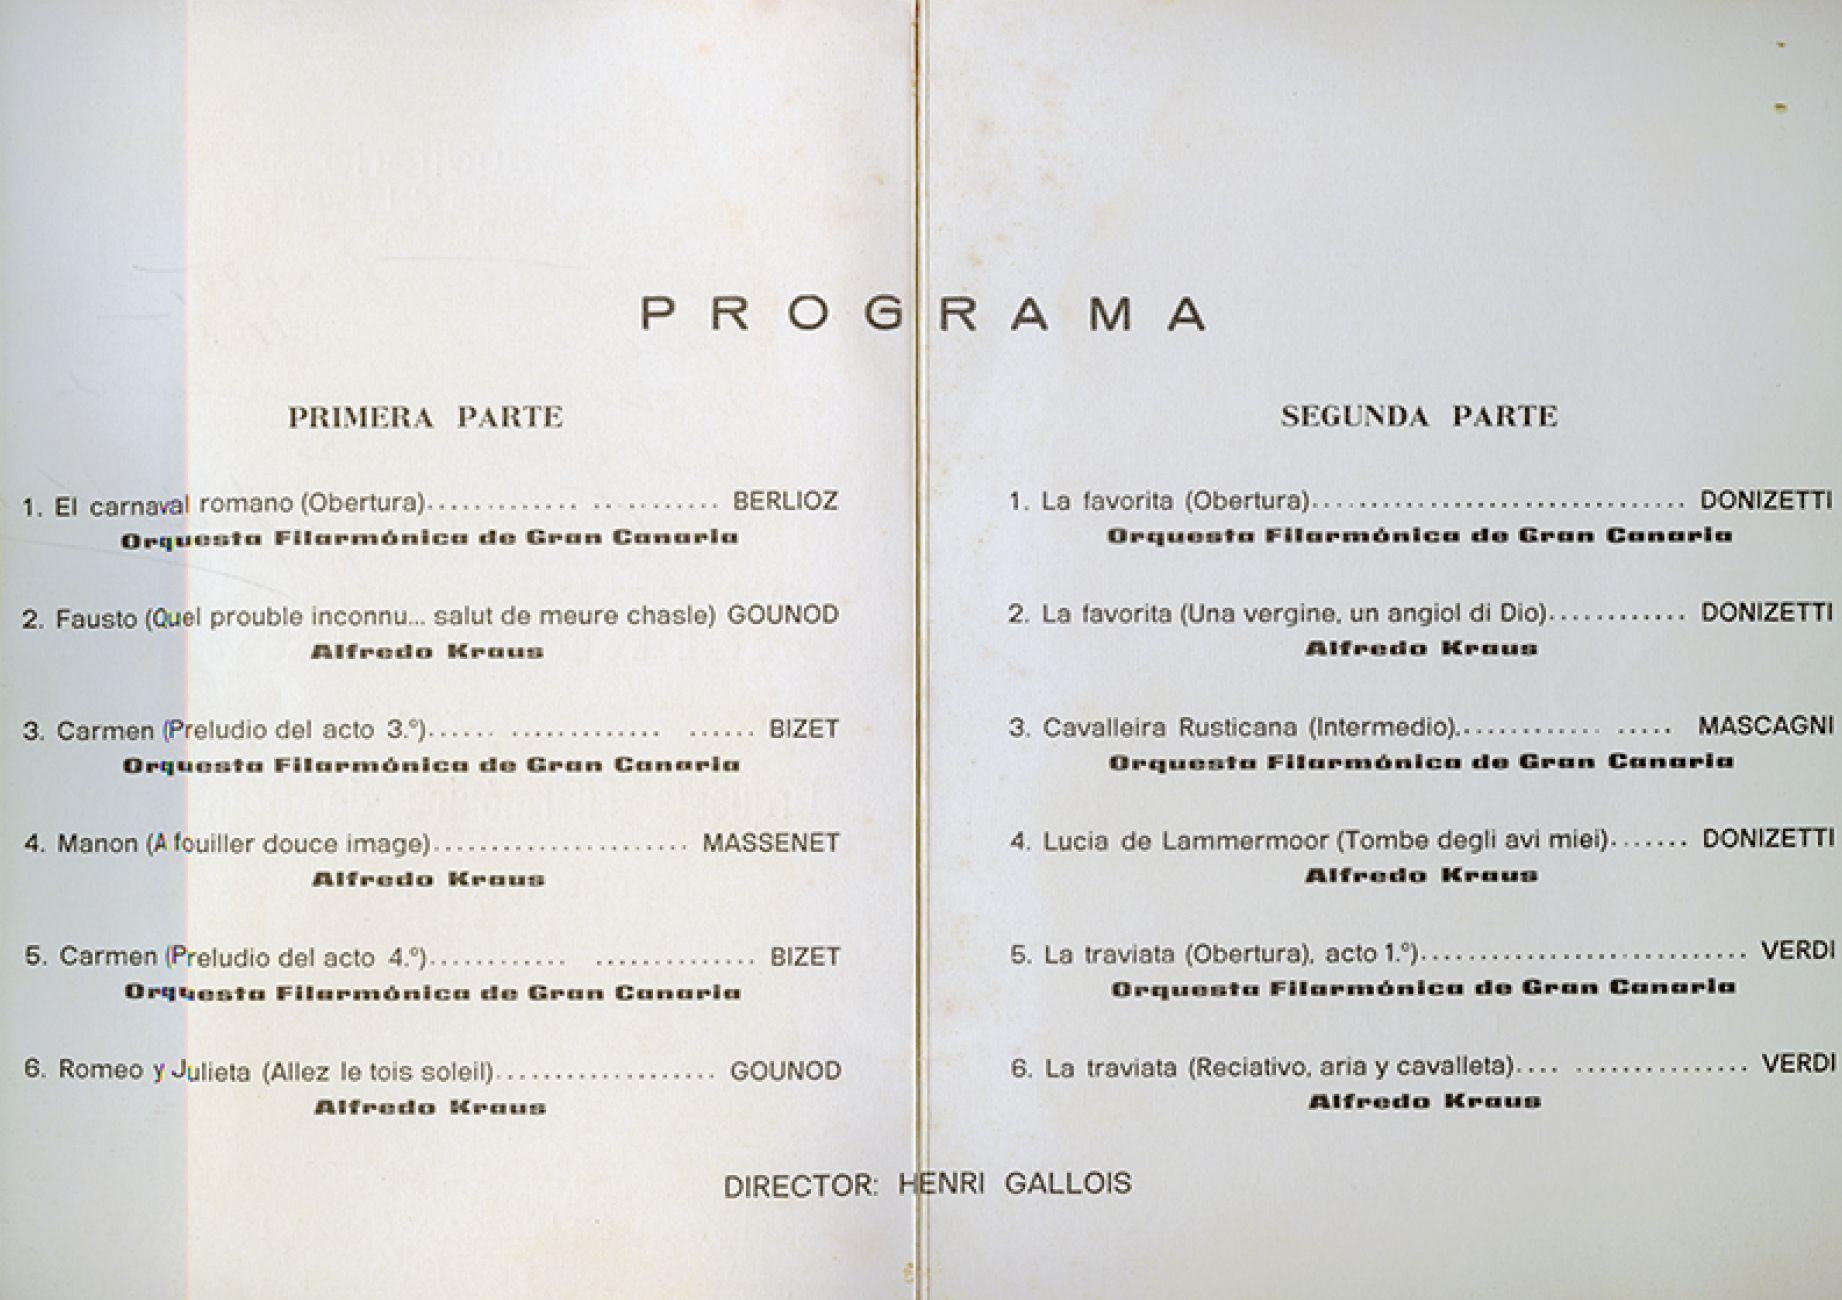 Programa del concierto de Alfredo Kraus